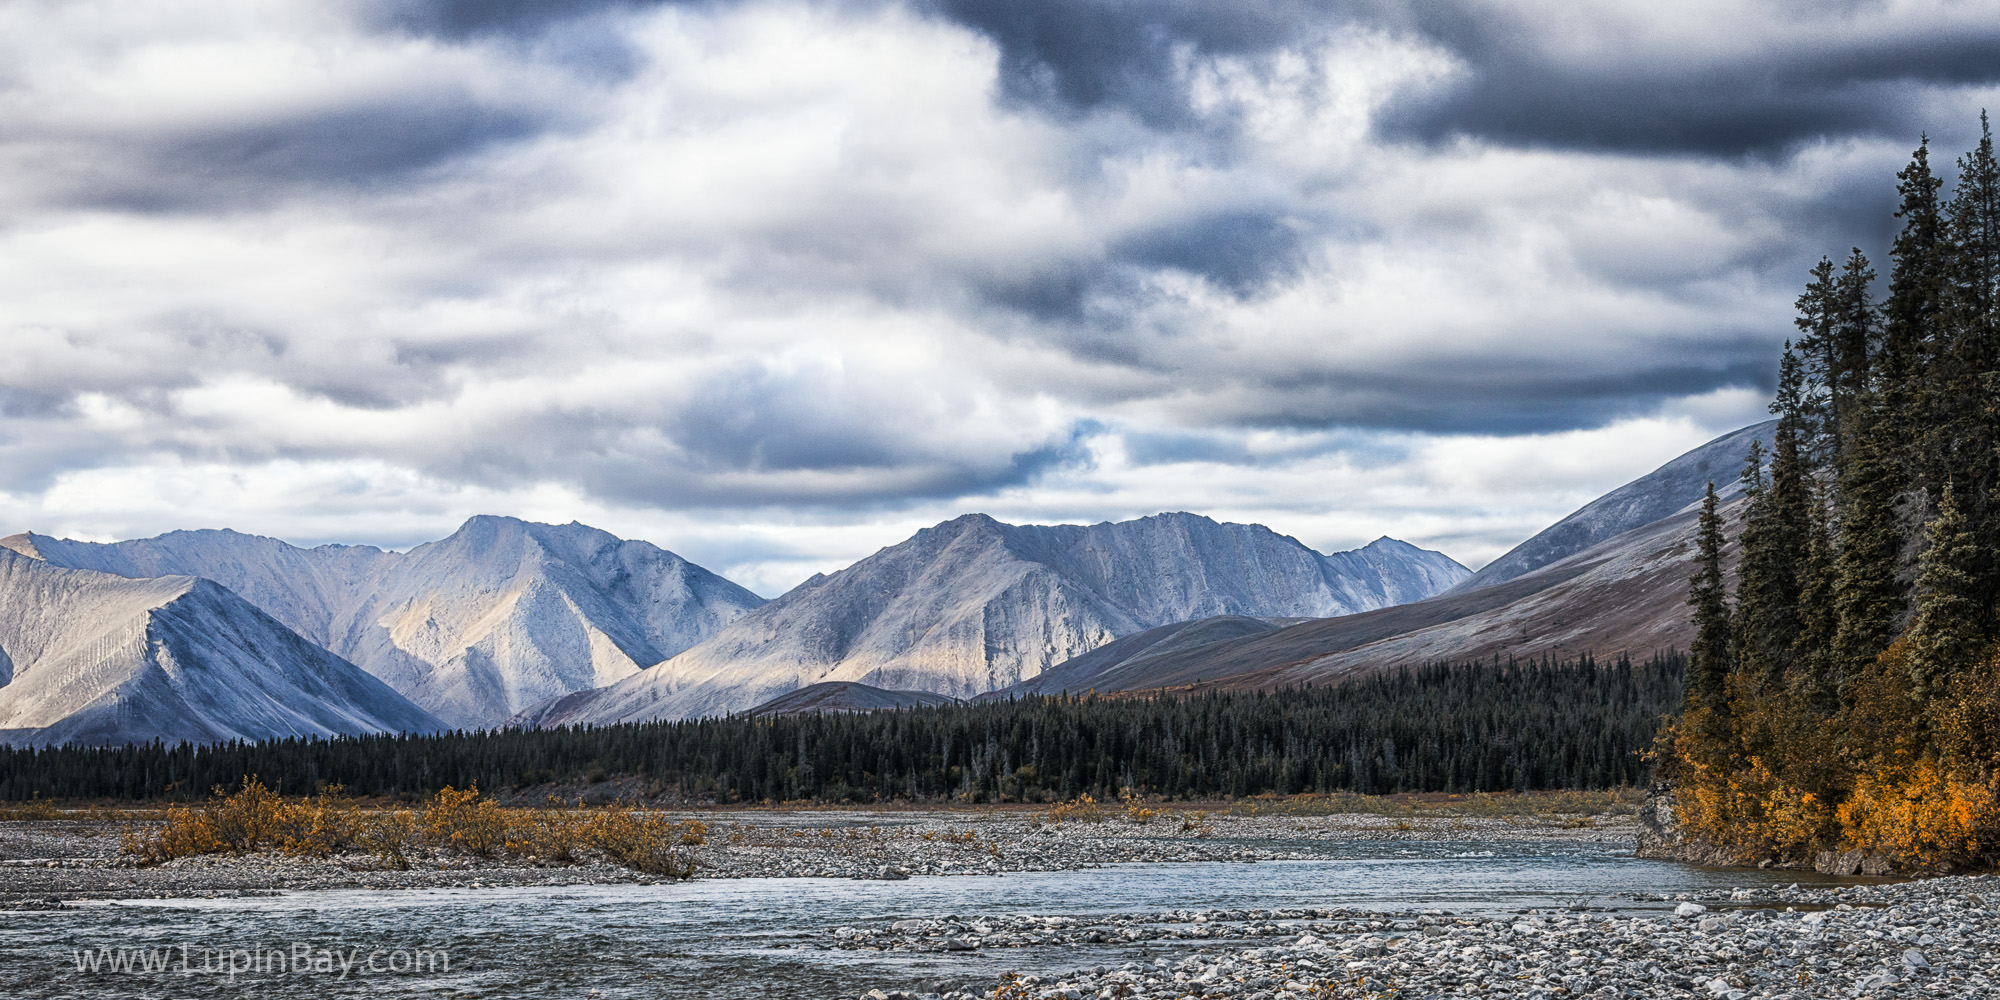 LupinBay-Alaska-2198.jpg